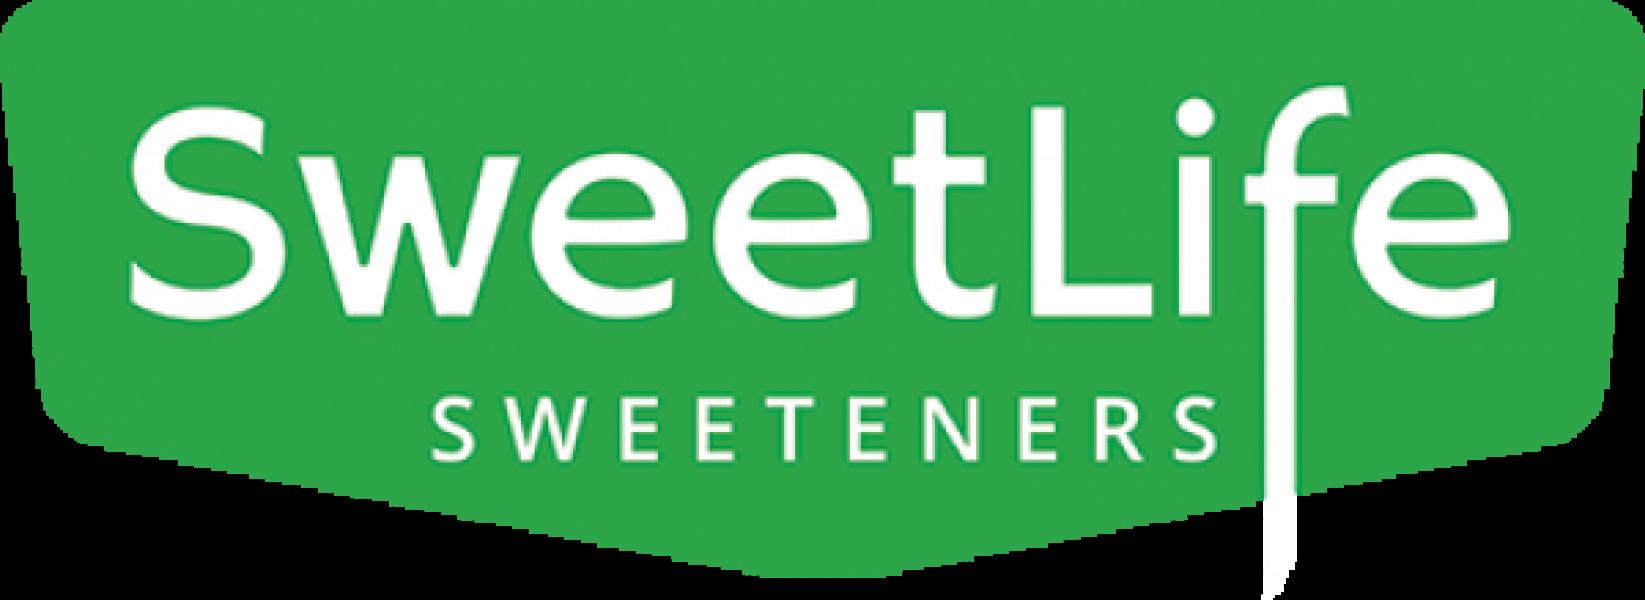 SweetLife Sweeteners